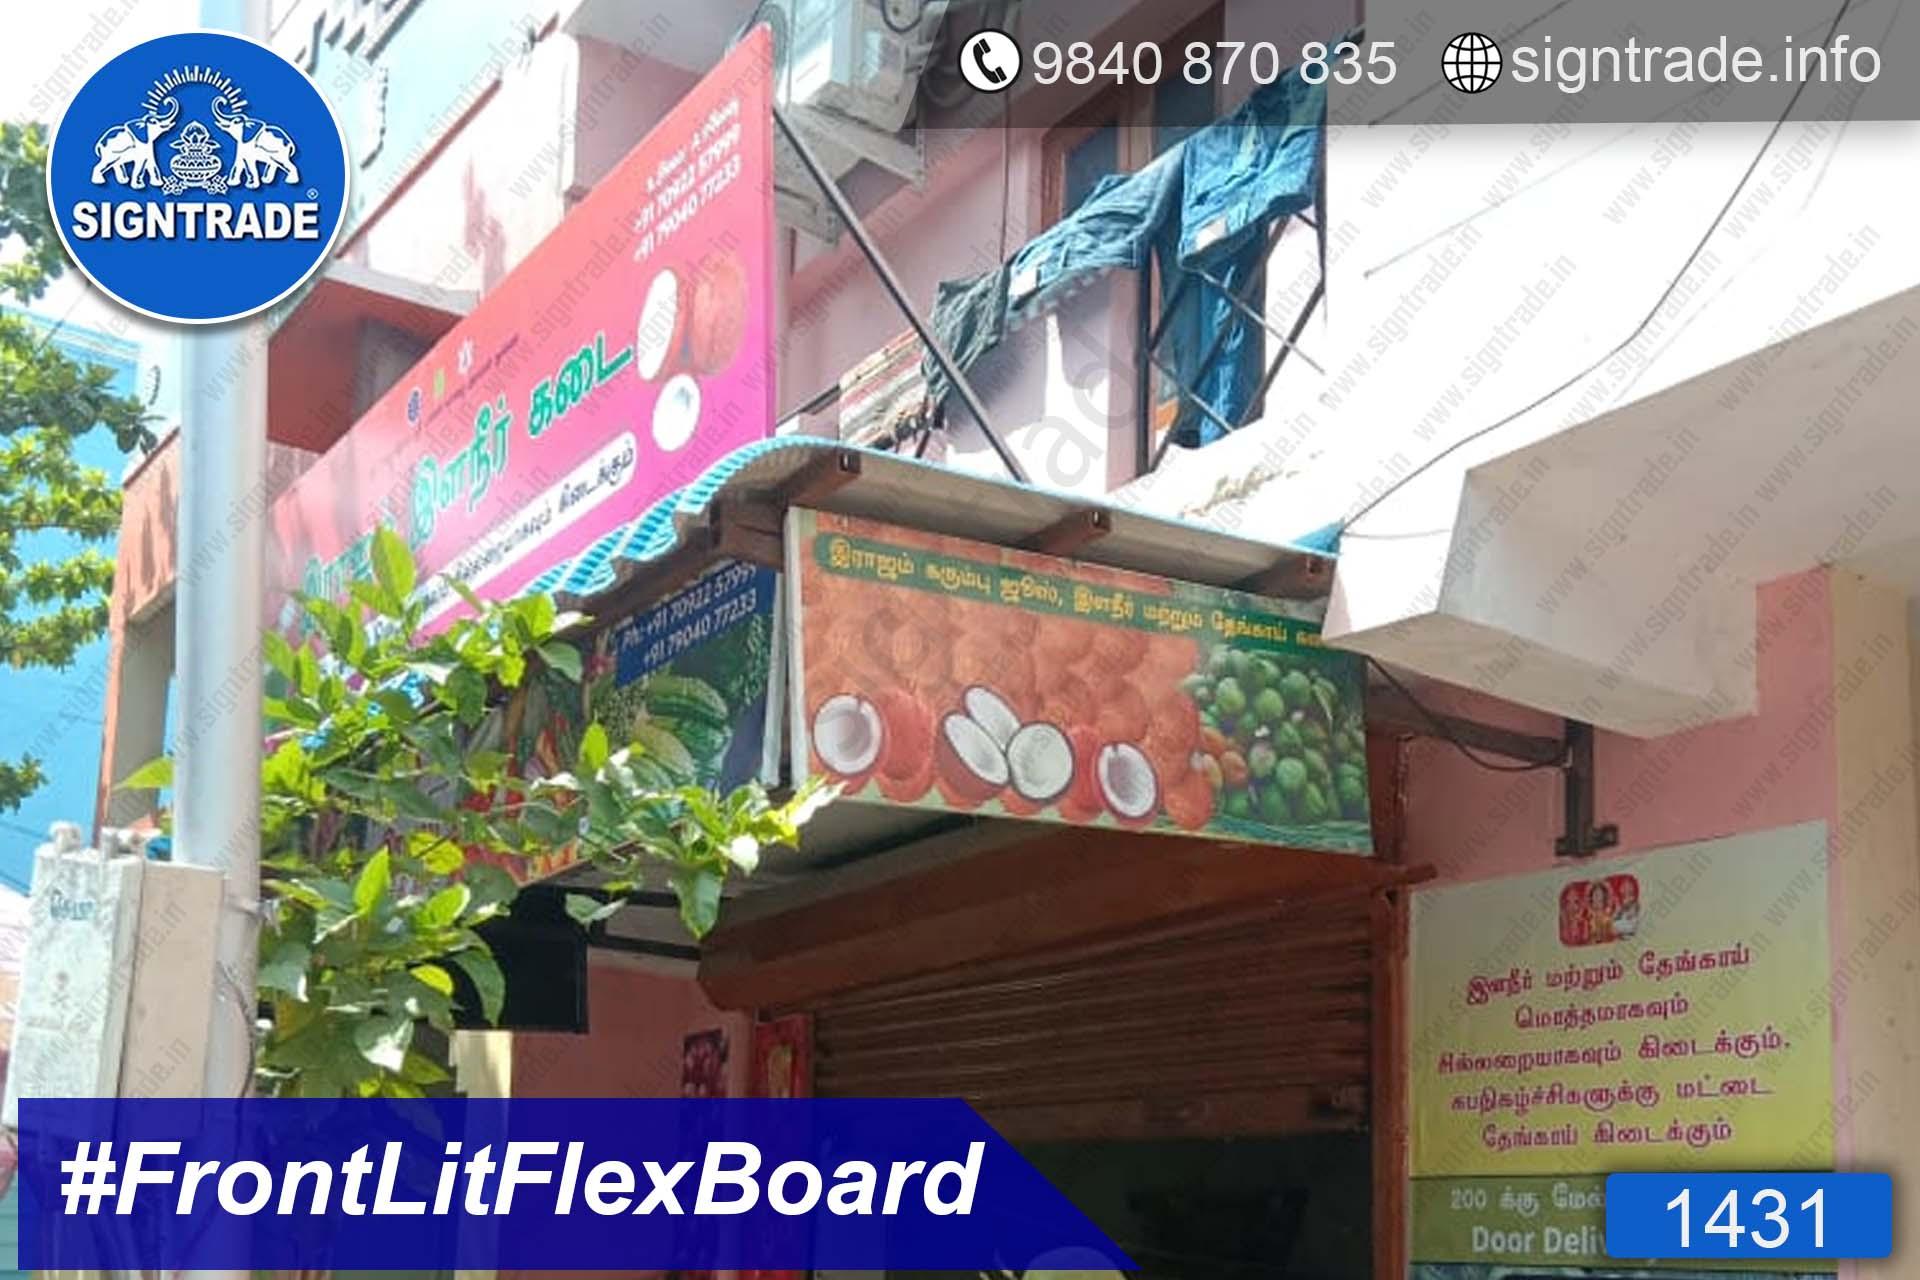 1431, Flex Board, Frontlit Flex Board, Star Frontlit Flex Board, Frontlit Flex Banners, Shop Front Flex Board, Shop Flex Board, Star Flex